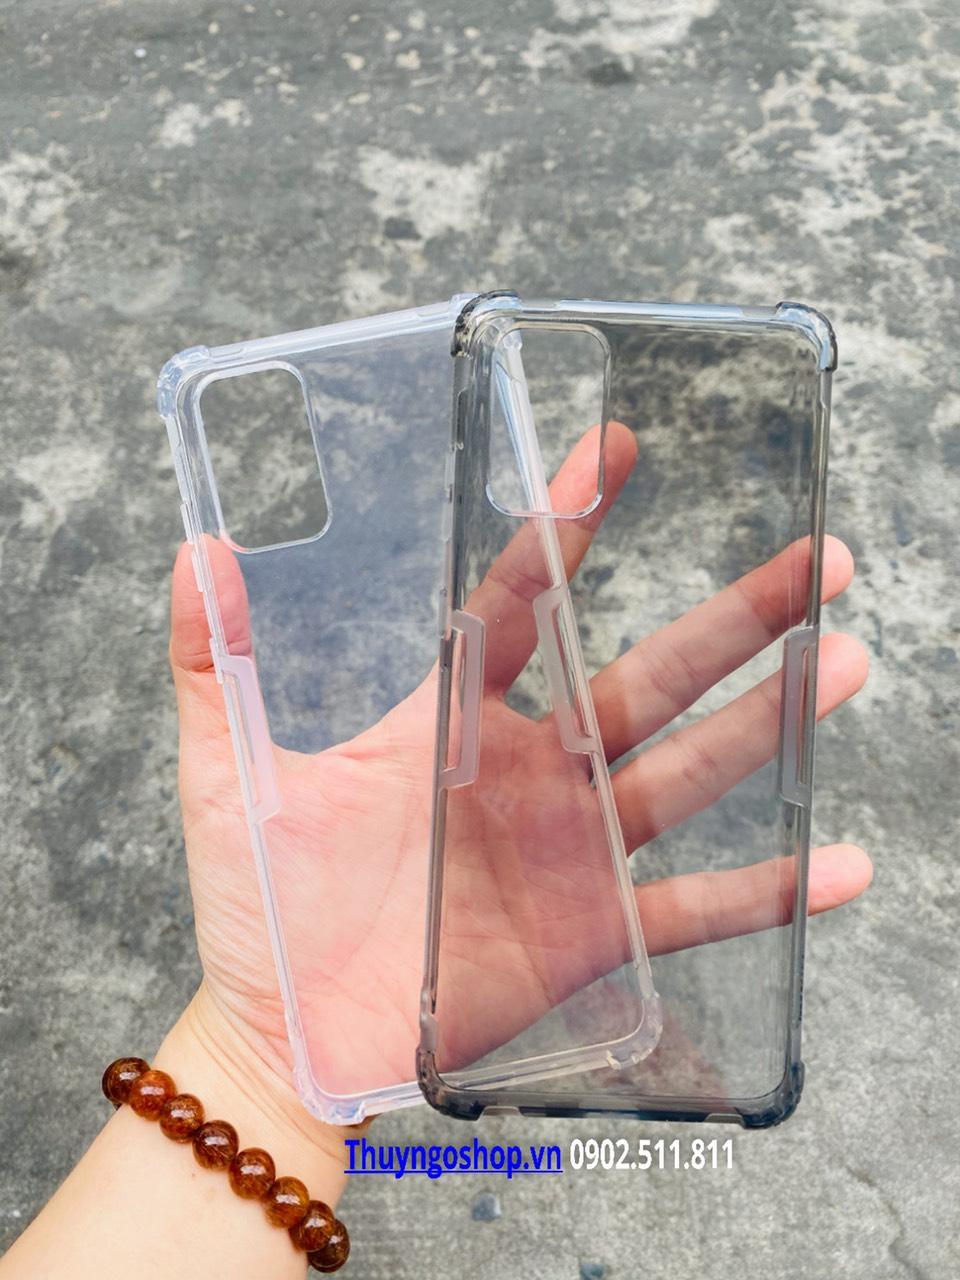 Samsung S20/S20 Plus/S20 Ultra - Ốp Dẻo Nillkin Chính Hãng